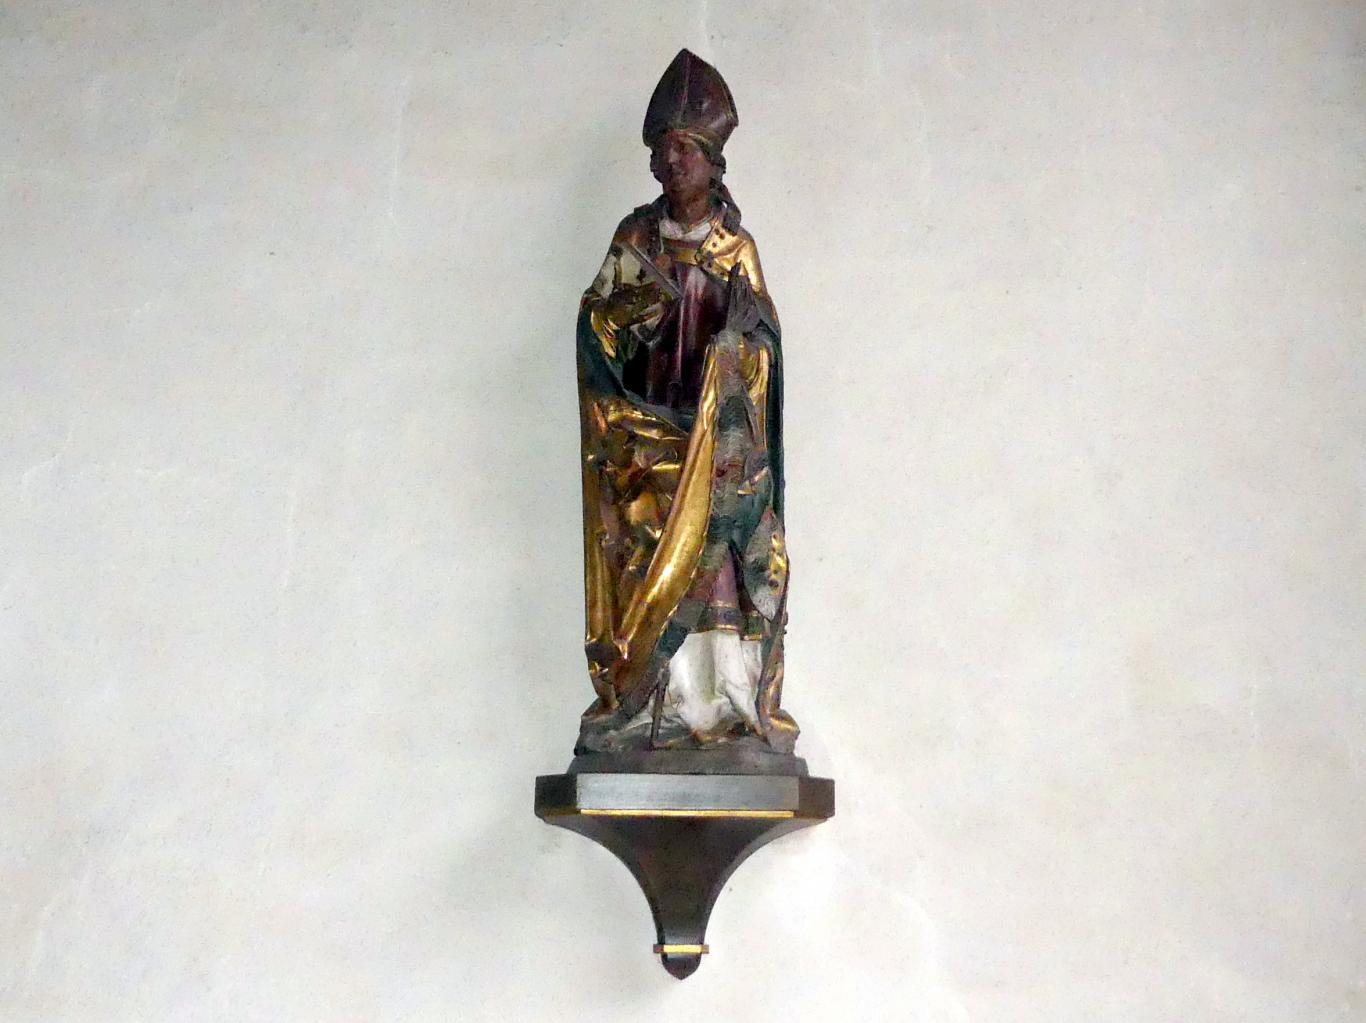 Tilman Riemenschneider: Heiliger Nikolaus, um 1500